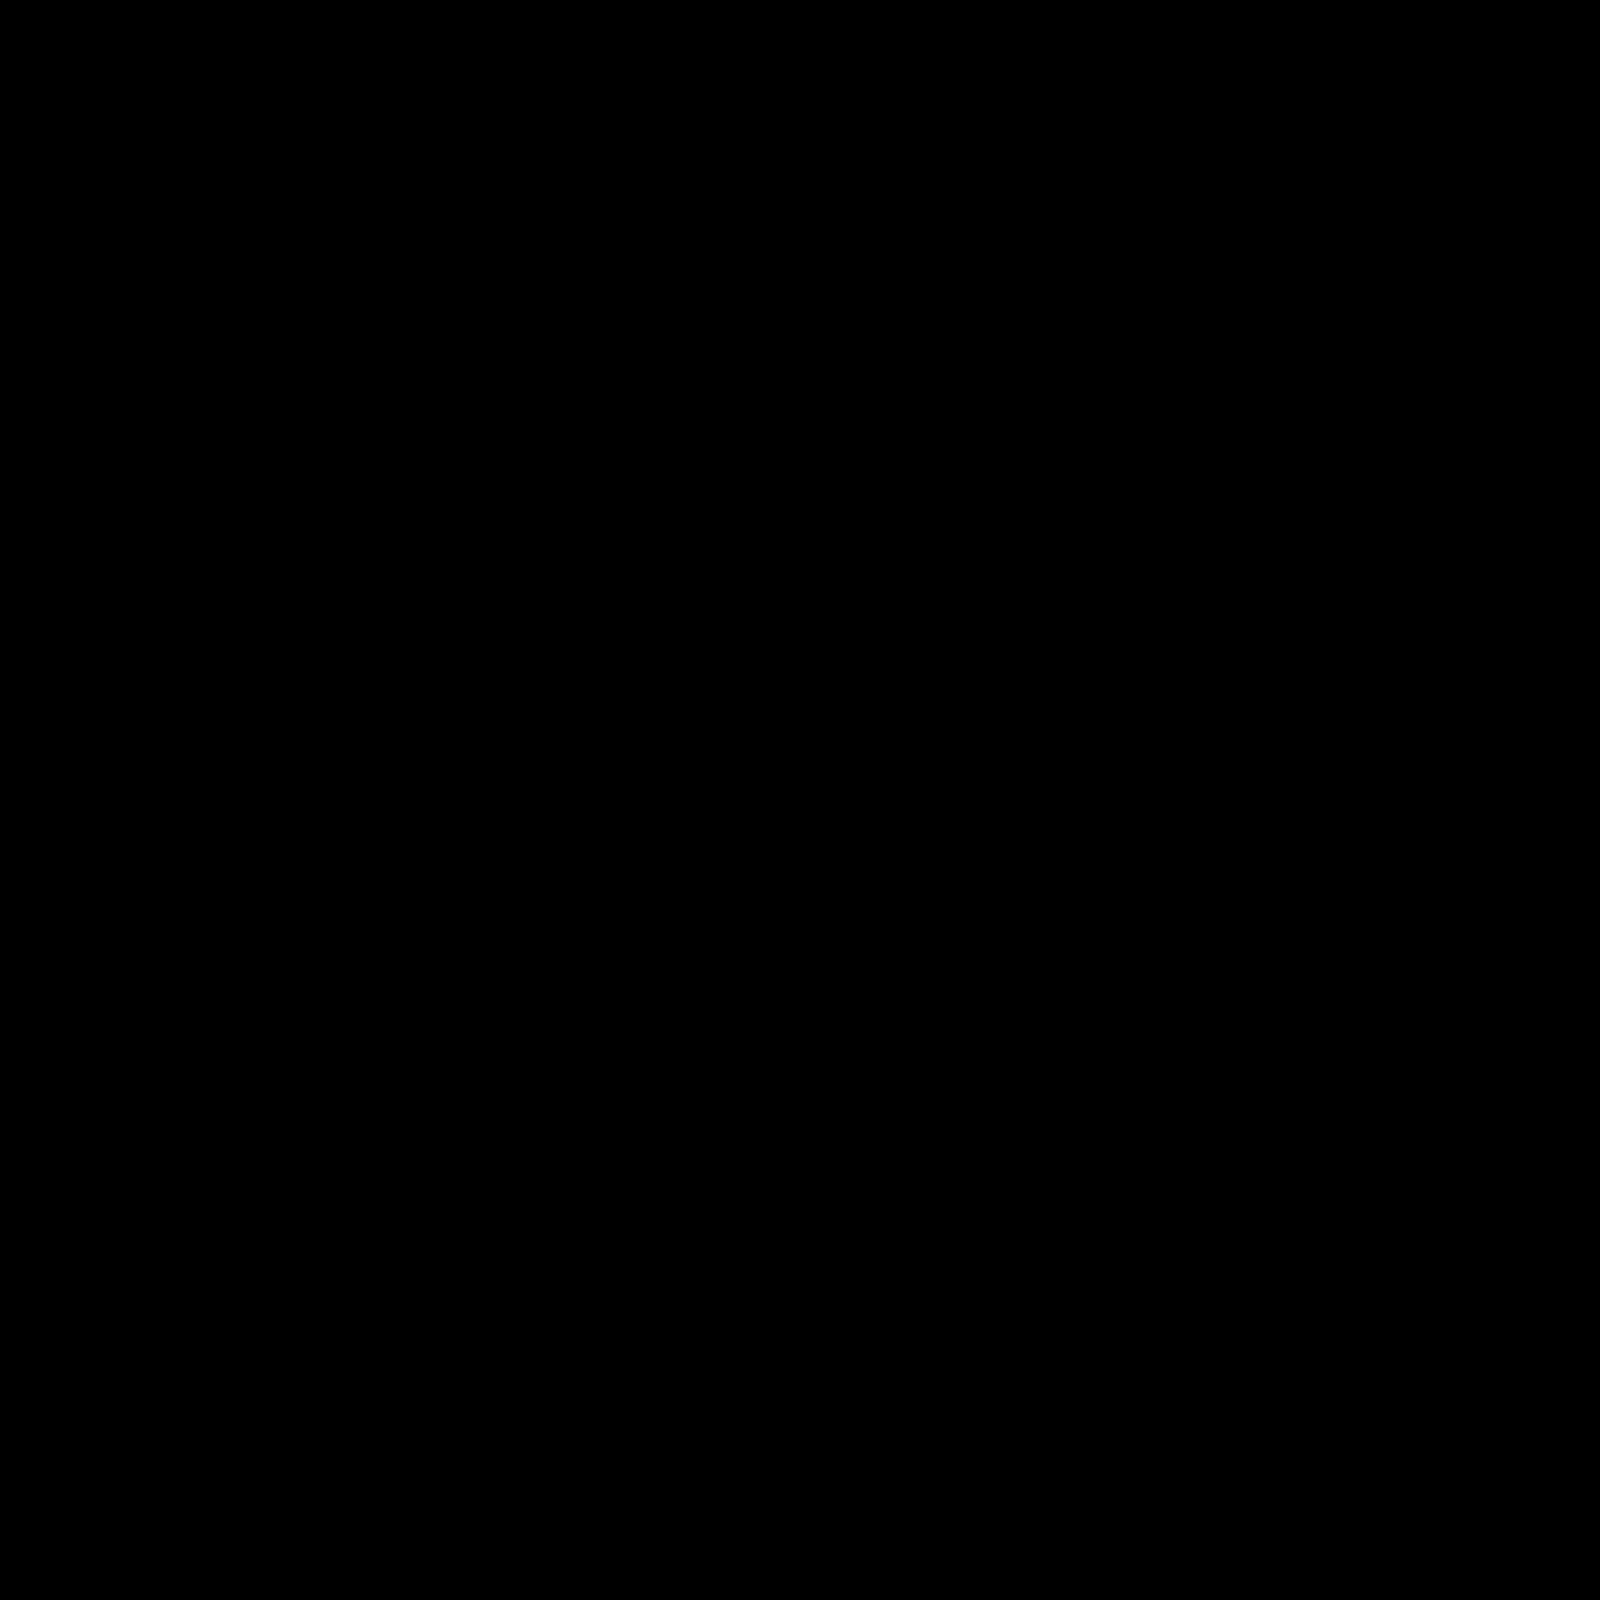 Tabelle löschen icon